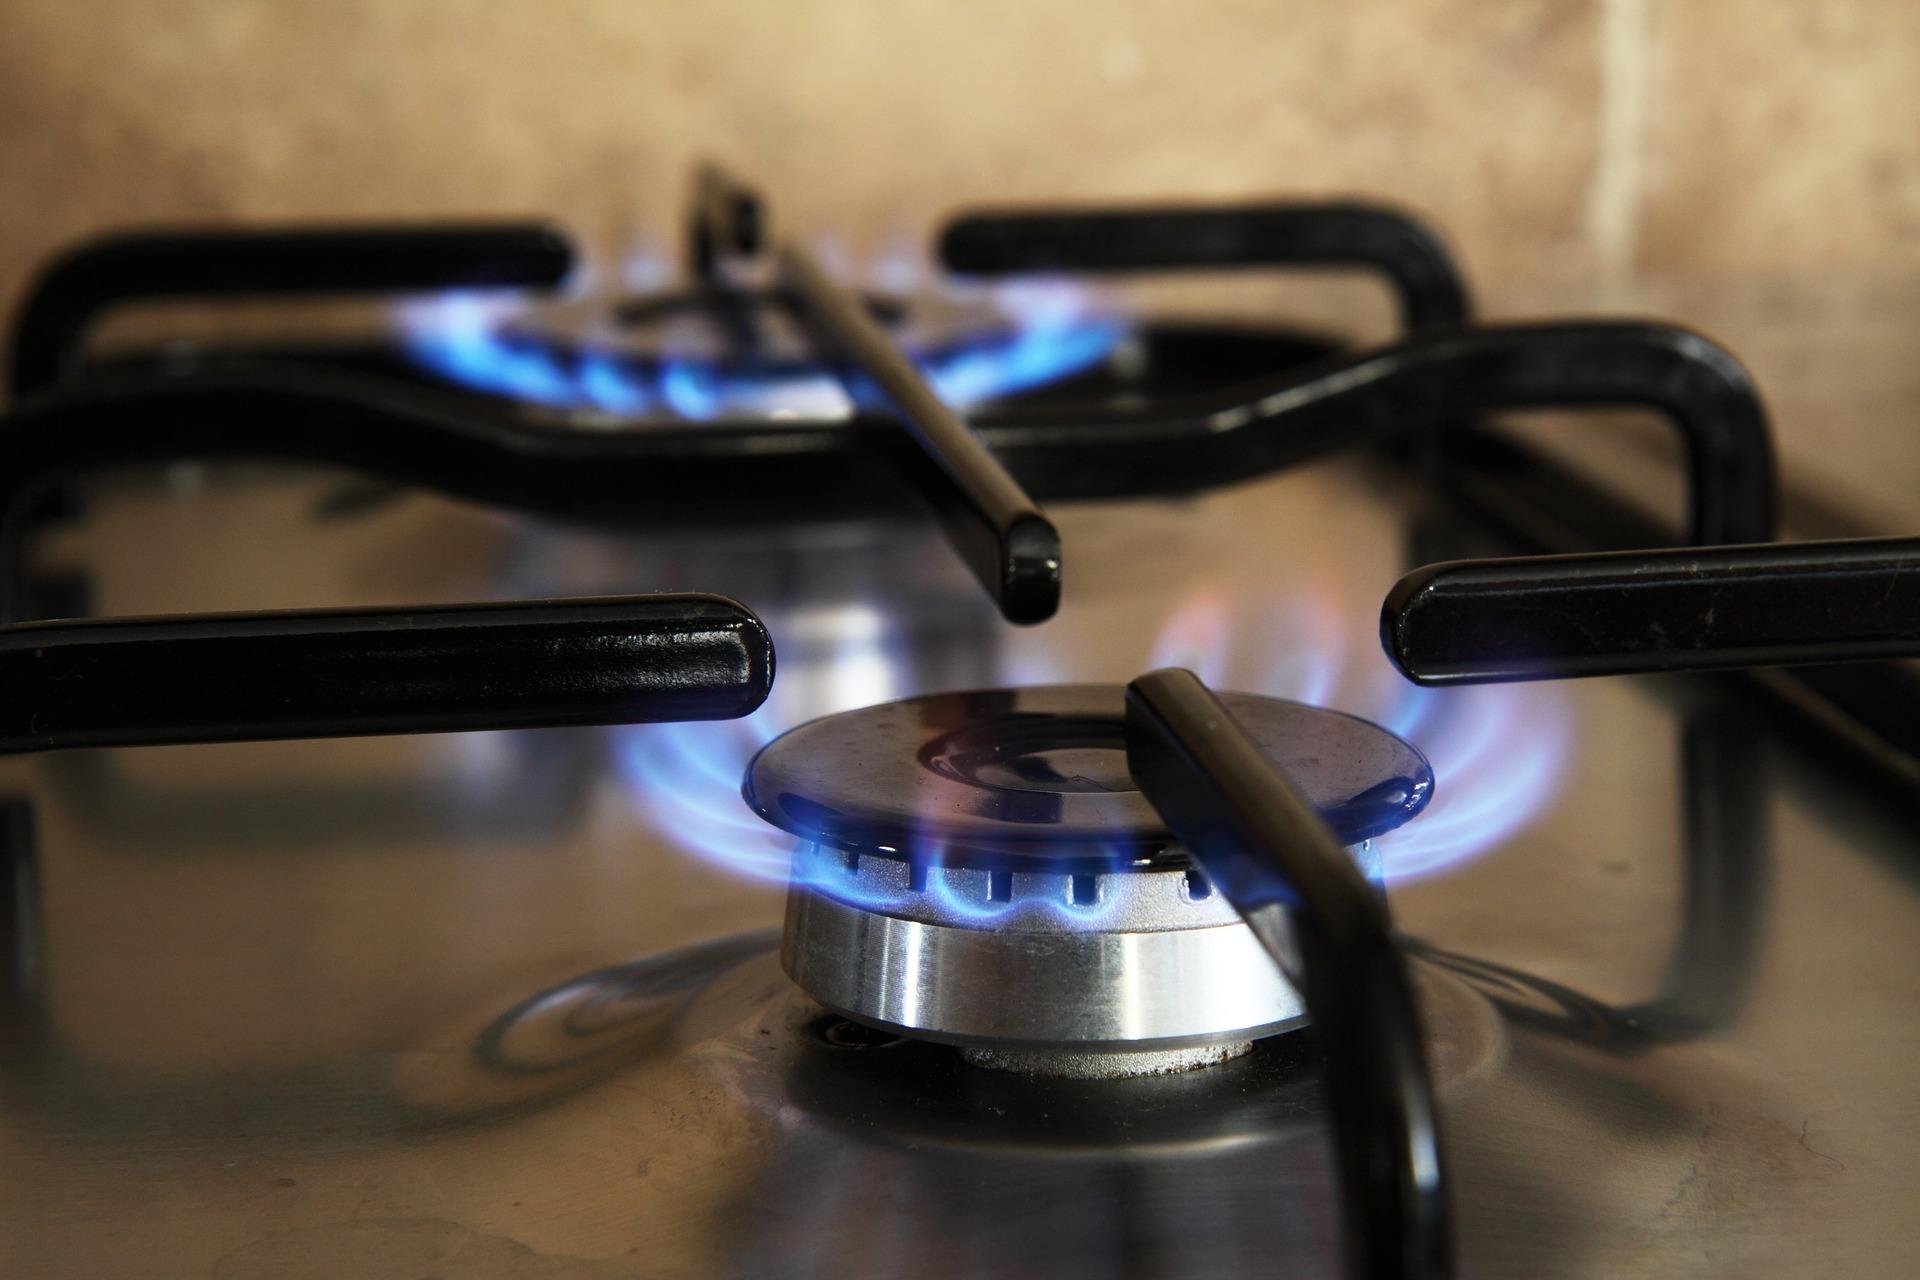 appliance-2257_1920